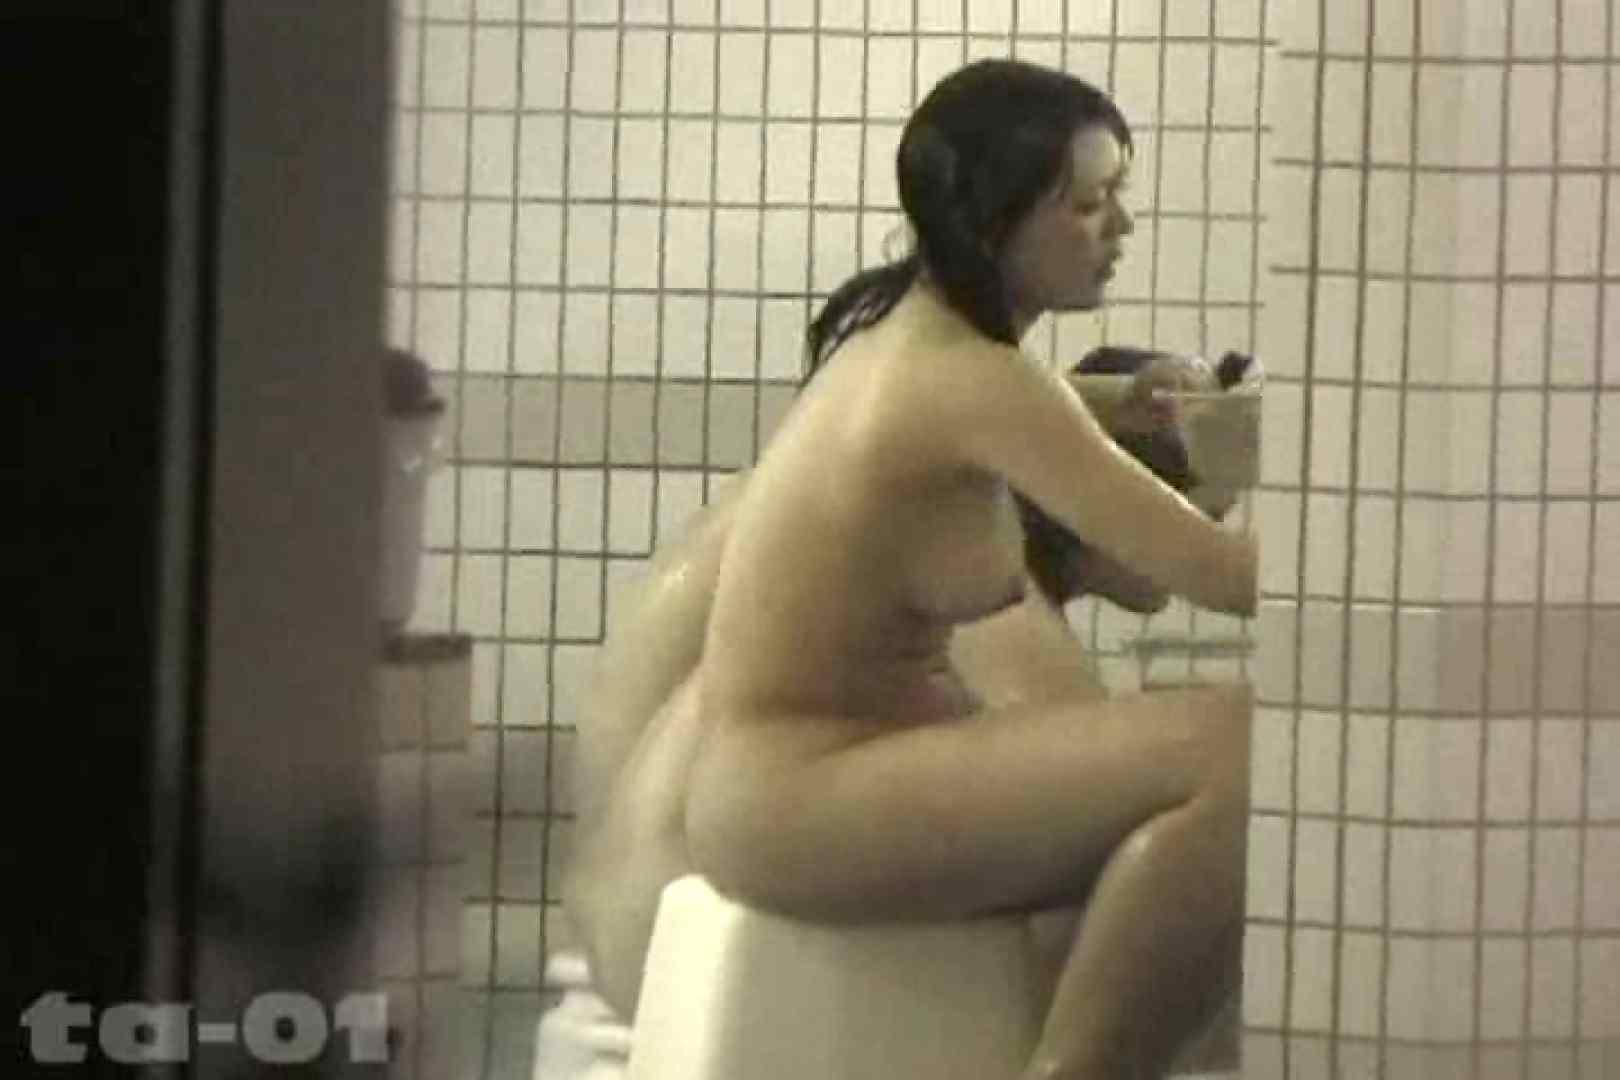 合宿ホテル女風呂盗撮高画質版 Vol.01 高画質動画   ホテルでエッチ  106画像 86